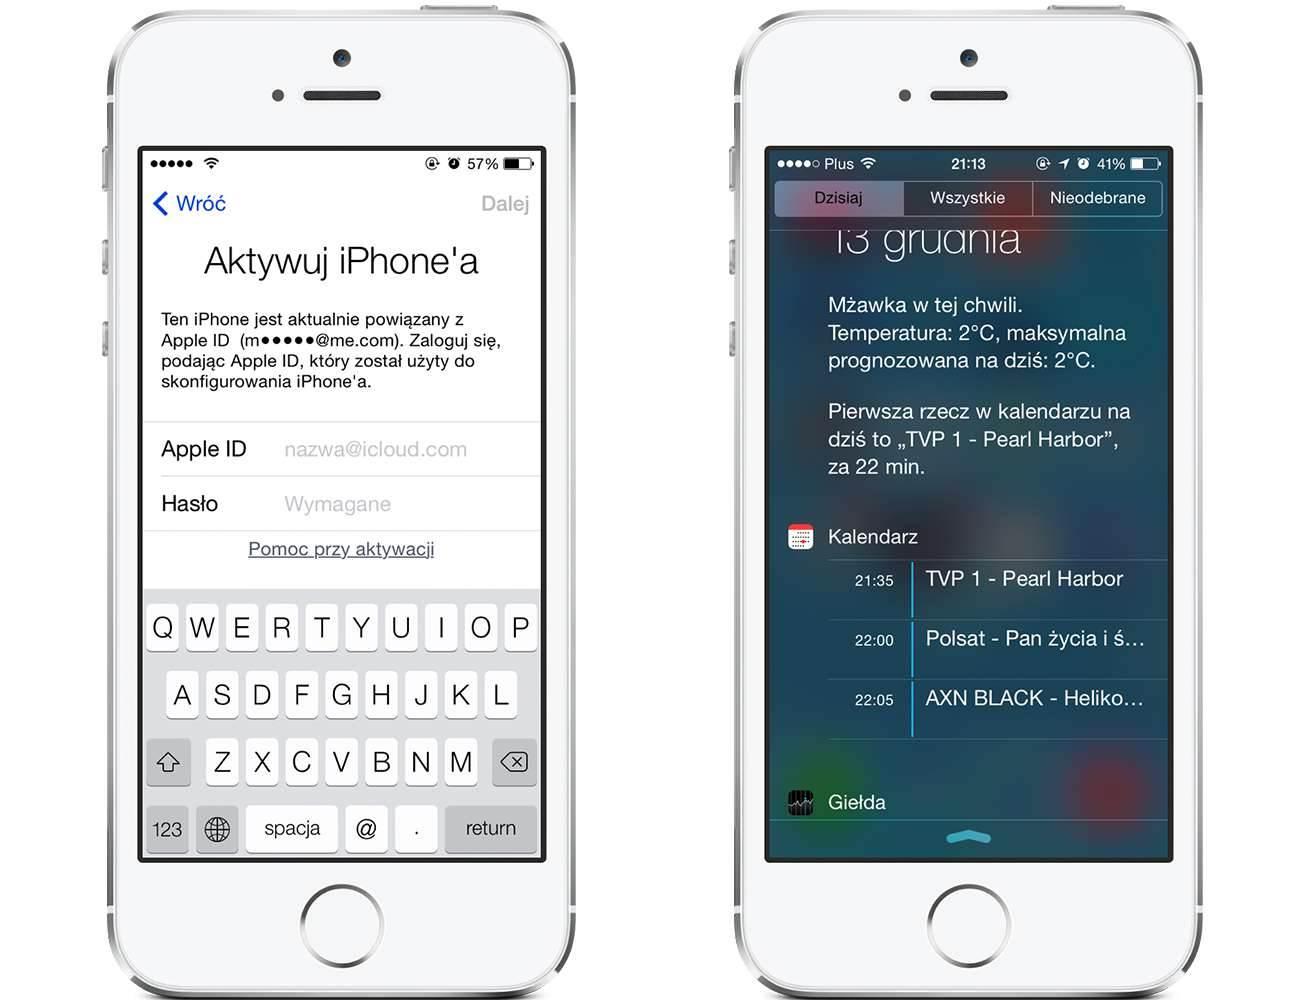 iOS 7.1 beta 2 - lista zmian polecane Update, OTA, Oprogramowanie, iPhone, iPad, iOS7.1b2, iOS7.1 beta2, iOS7.1, iOS 7.1 beta 2, iOS 7 beta2, iOS, Apple, Aktualizacja, 11D5115d  W piątek Apple udostępniło nową wersję systemu iOS 7.1 która oznaczona jest jako build 11D5115d. Poniżej znajdziecie listę zmian jakie zauważyłem w stosunku do poprzedniej bety. Wpis jest aktualizowany na bieżąco także zapraszam do częstego odwiedzania strony. b2.3